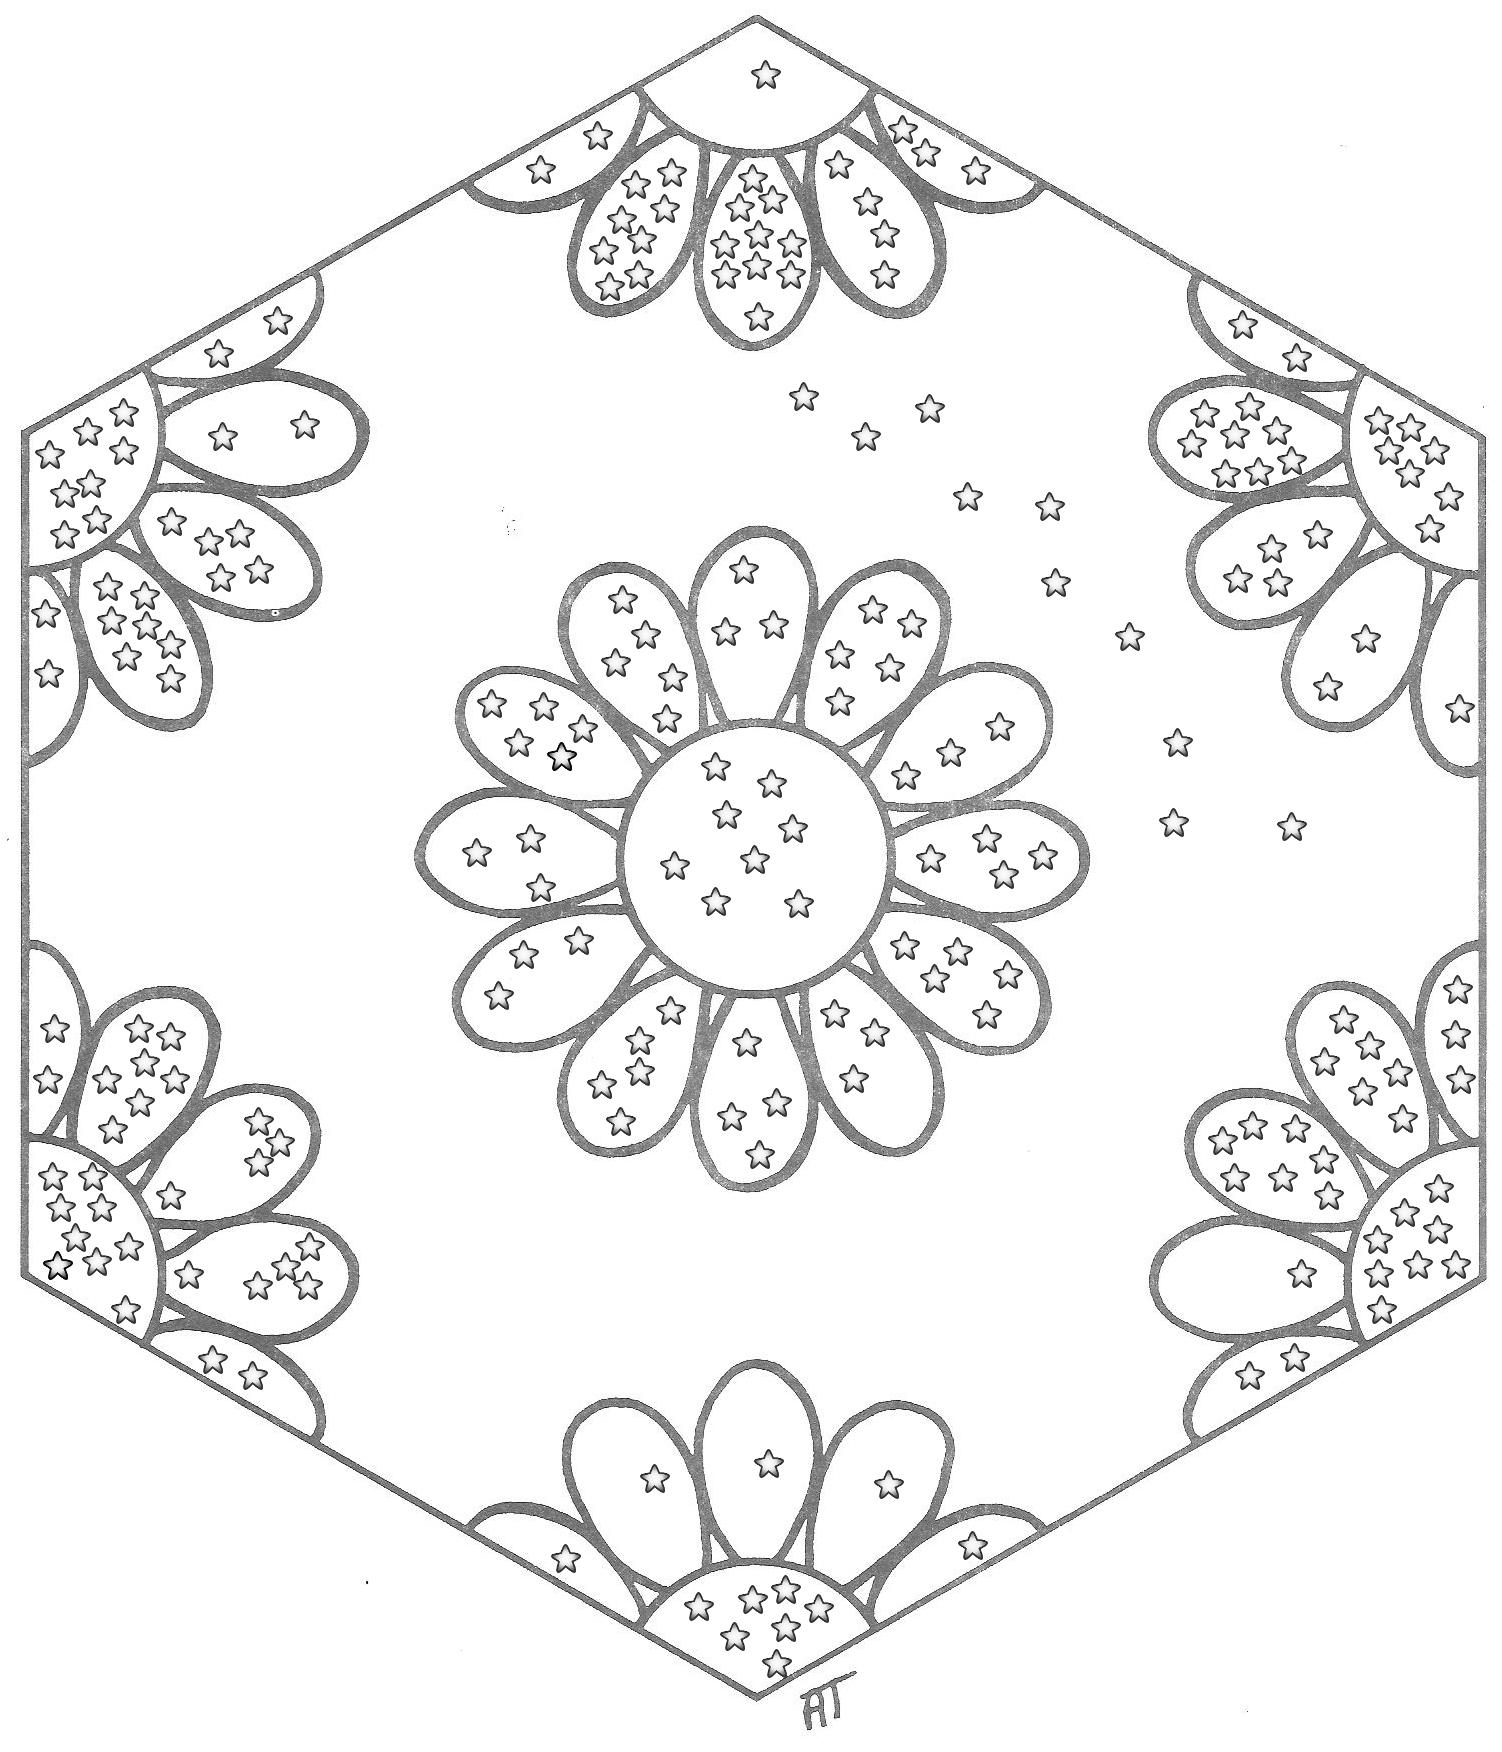 Coloriage Magique Constellation Du Dé destiné Coloriage Chiffres 1 À 10